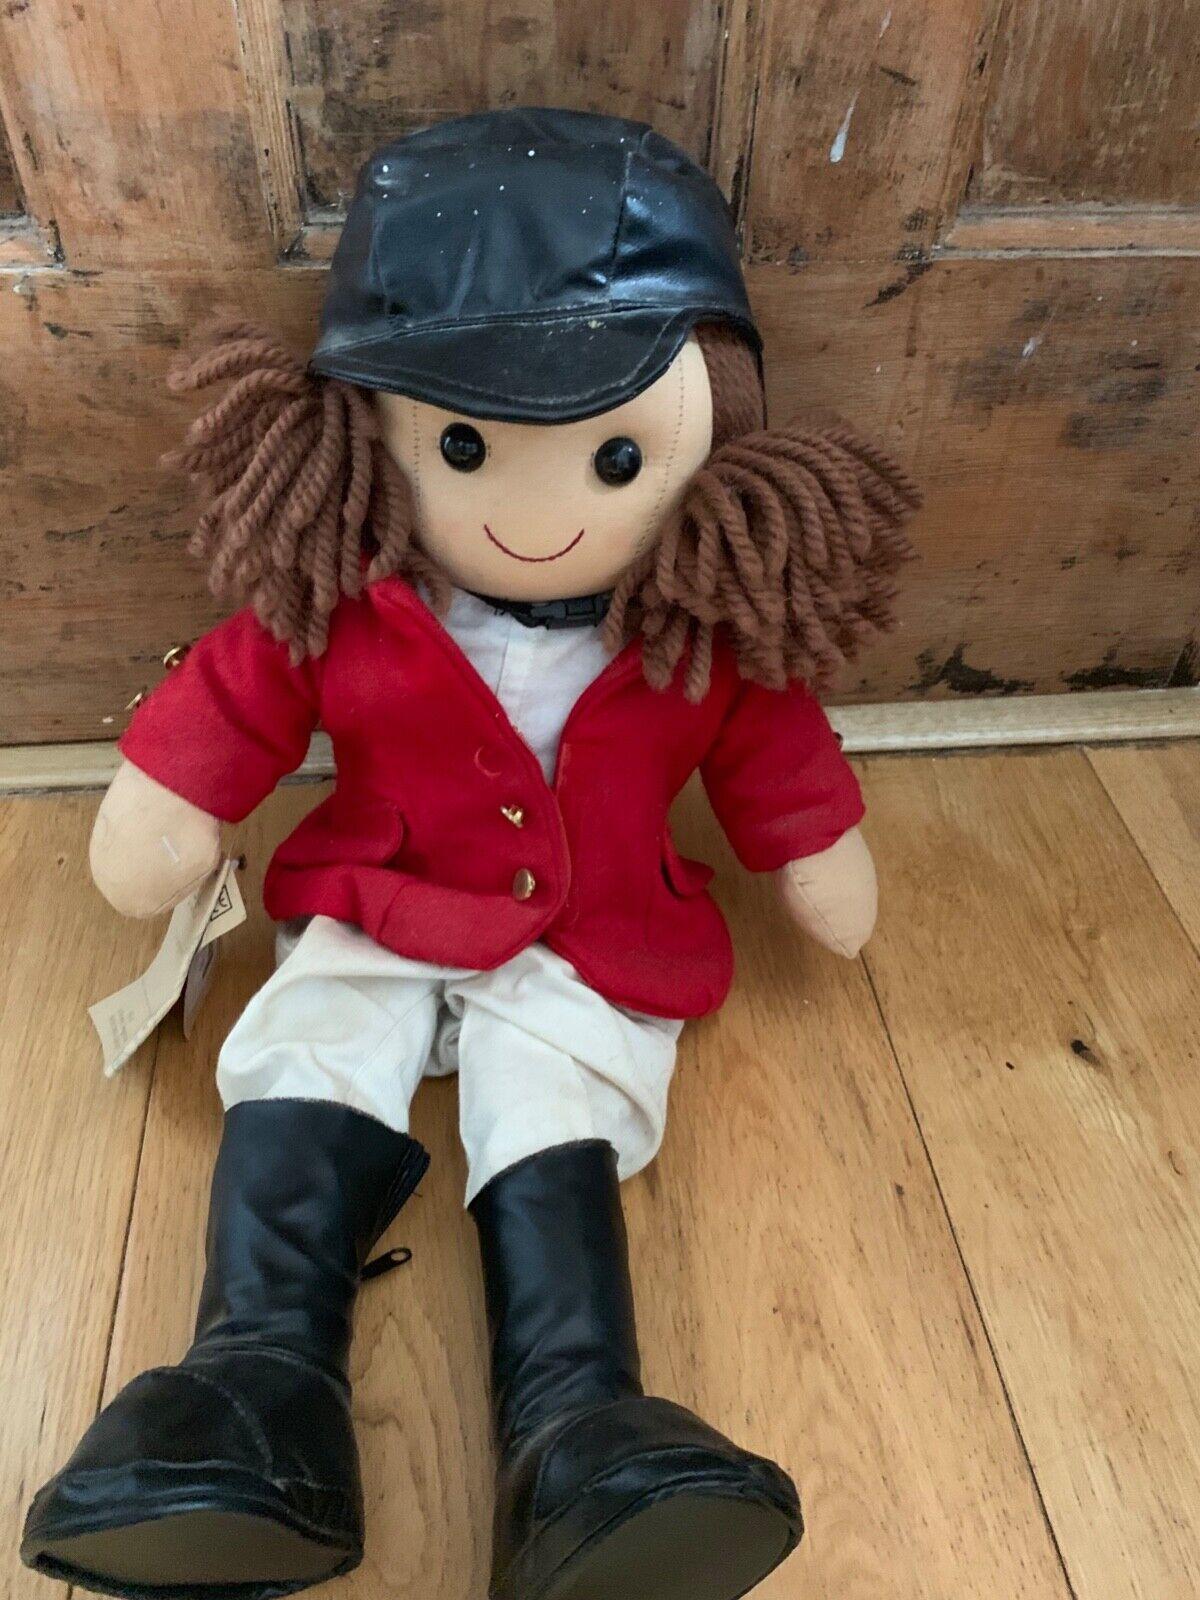 La mia bambola da collezione Equestre Bambola con Vestiti  rimovibile e Stivali  varie dimensioni